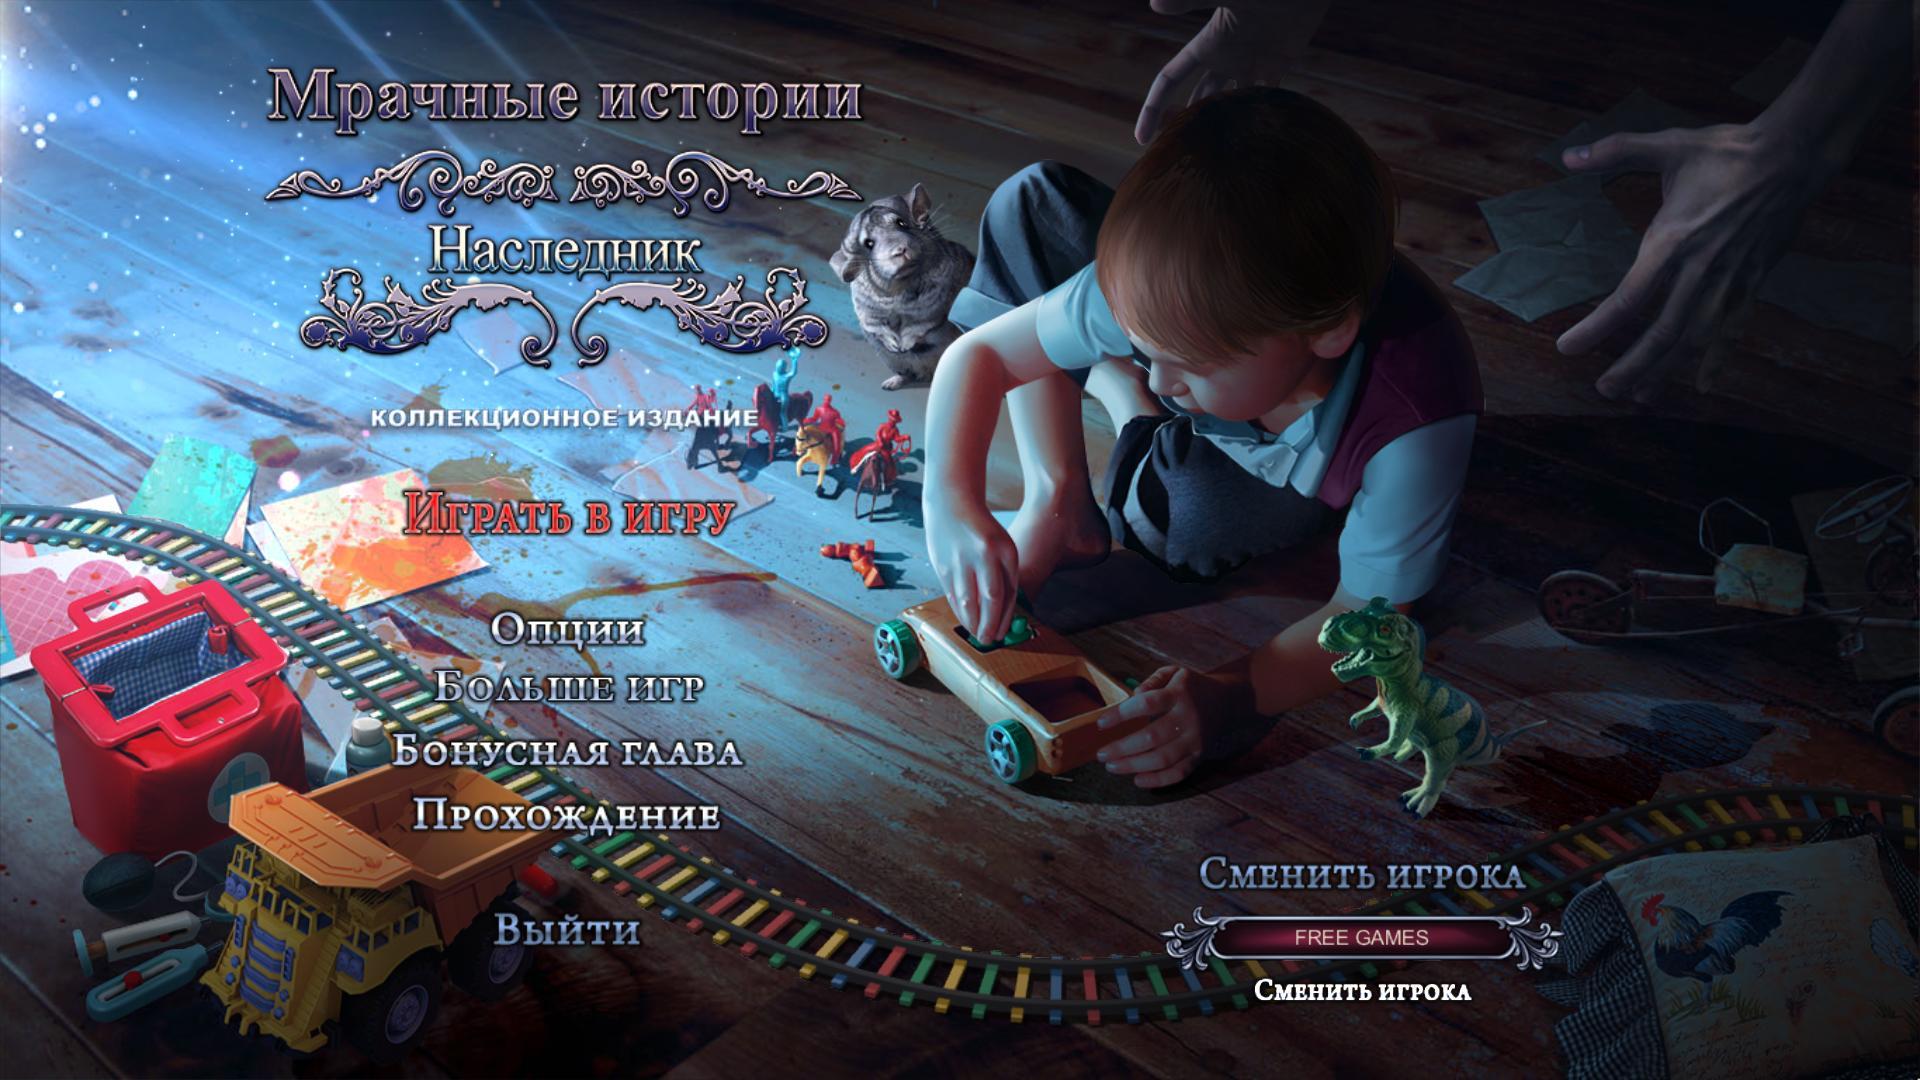 Мрачные истории 10: Наследник. Коллекционное издание | Grim Tales 10: The Heir CE (Rus)